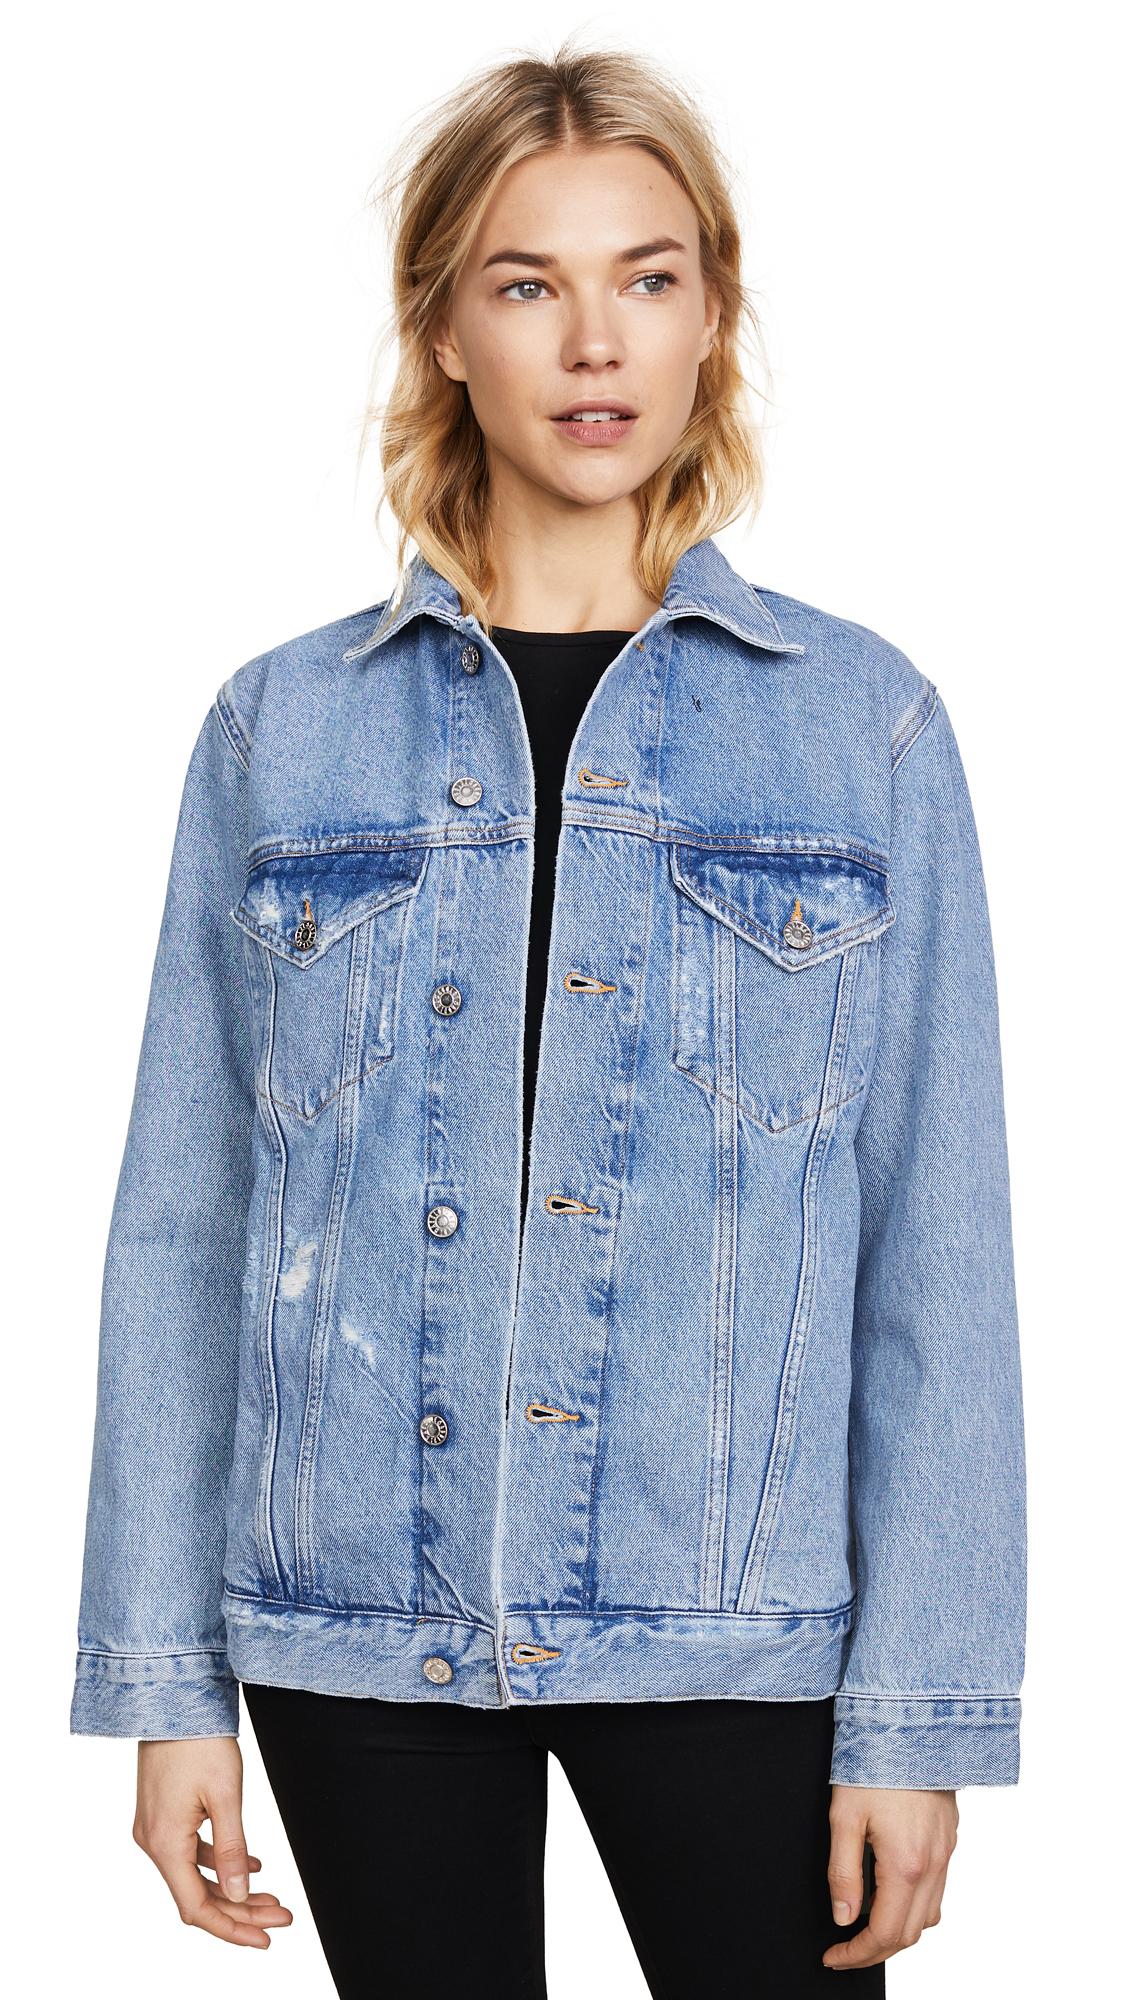 AGOLDE Jessie Oversized 90s Jacket - Brooklyn